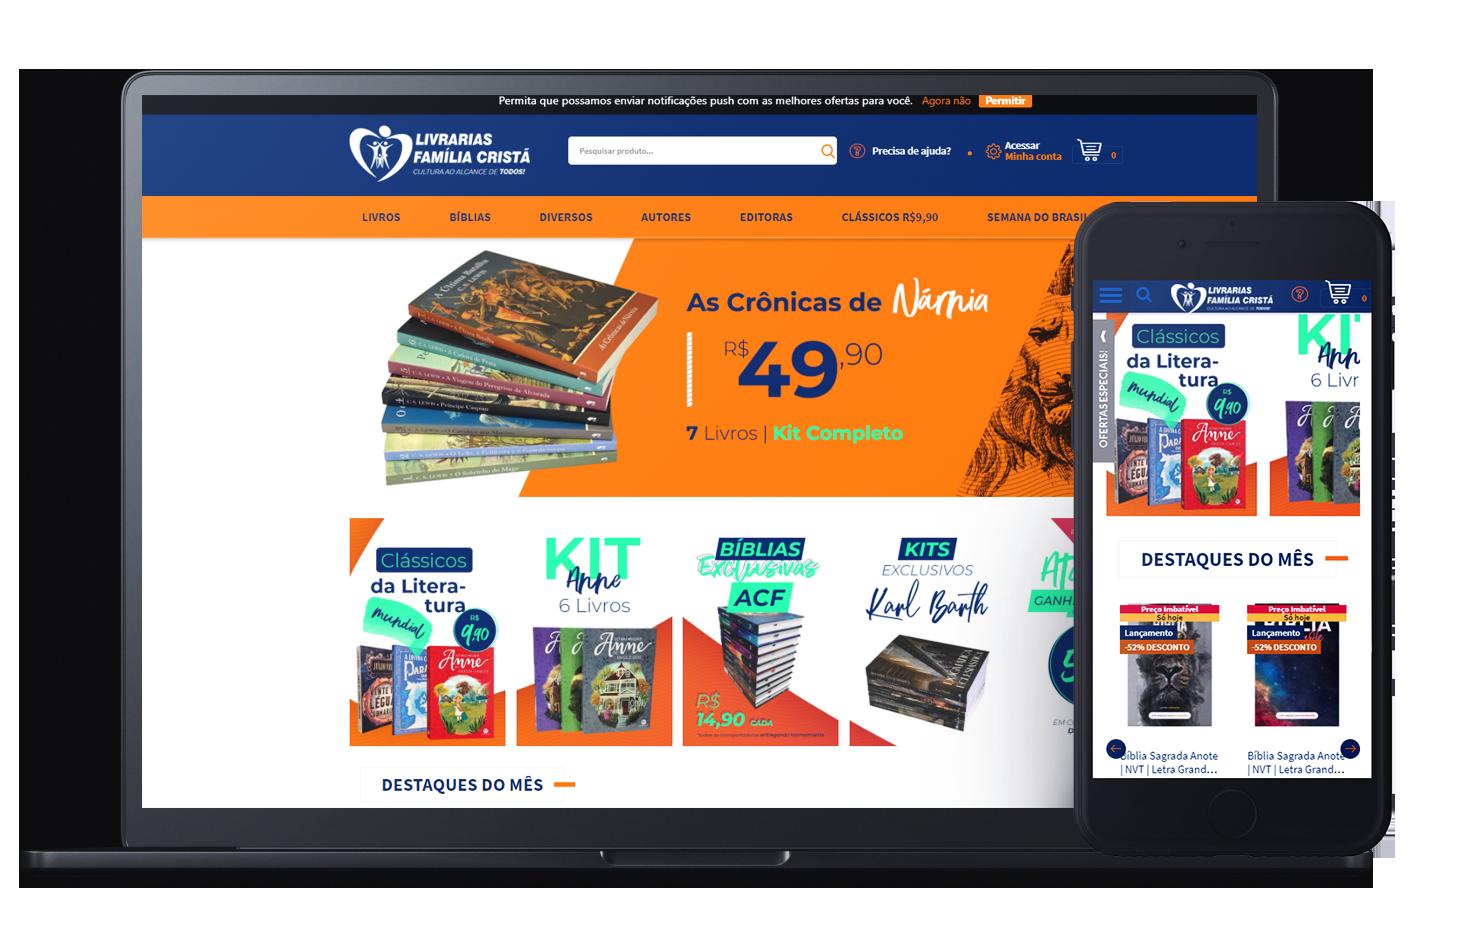 Mockup da loja virtual Livrarias Família Cristã, desenvolvida com a Plataforma de E-commerce Magento Bis2Bis